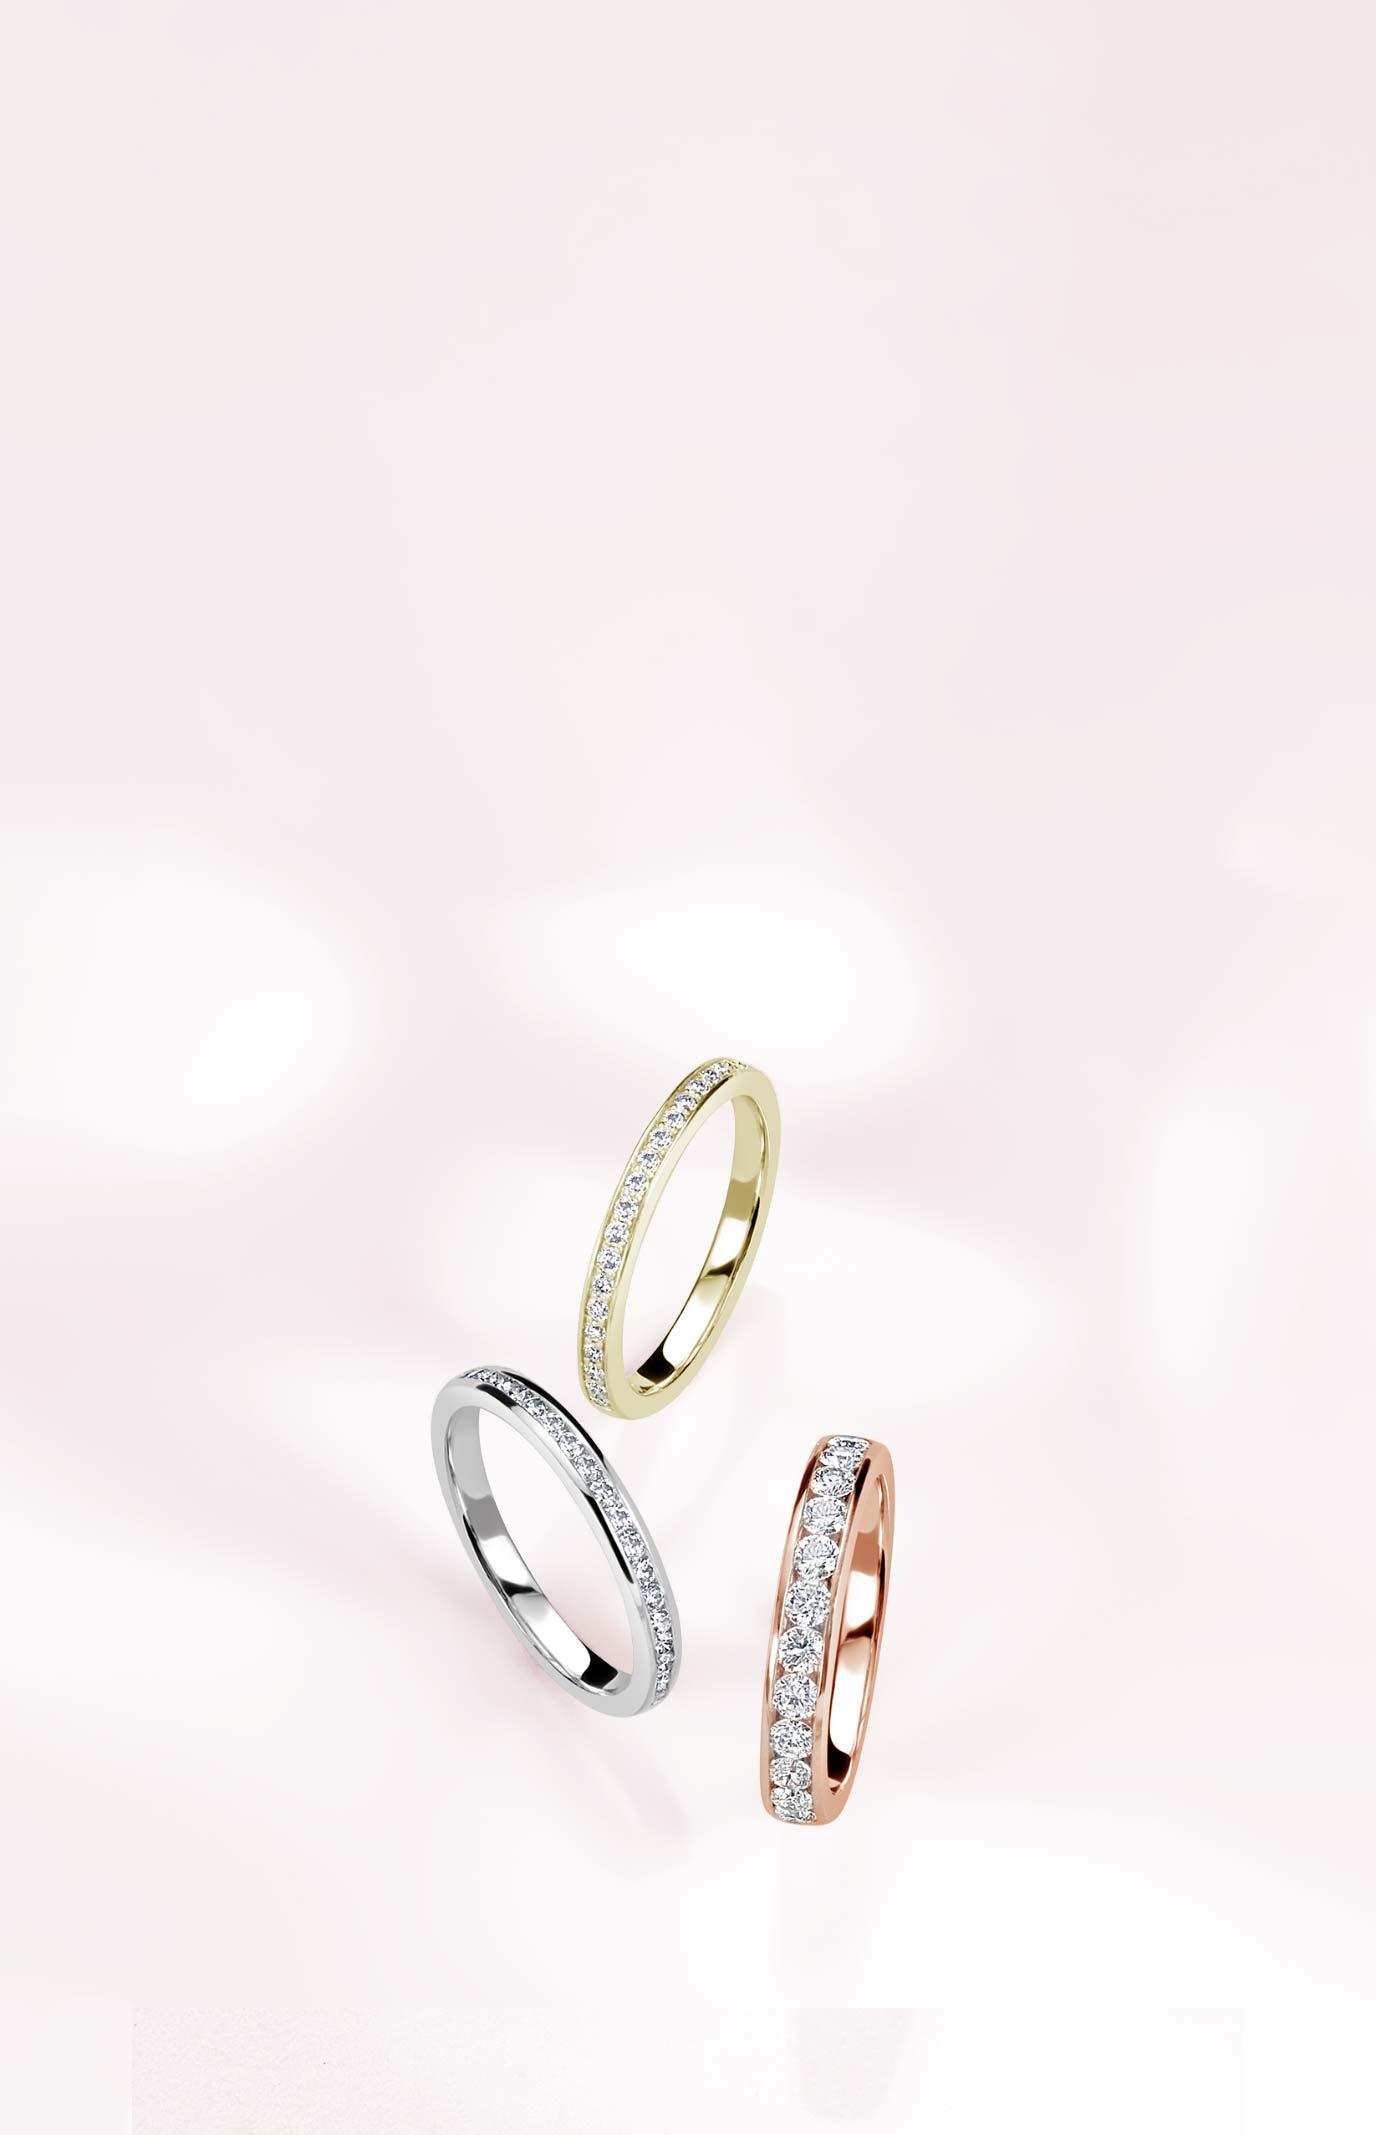 3 Quarter Eternity Diamond Rings - Steven Stone